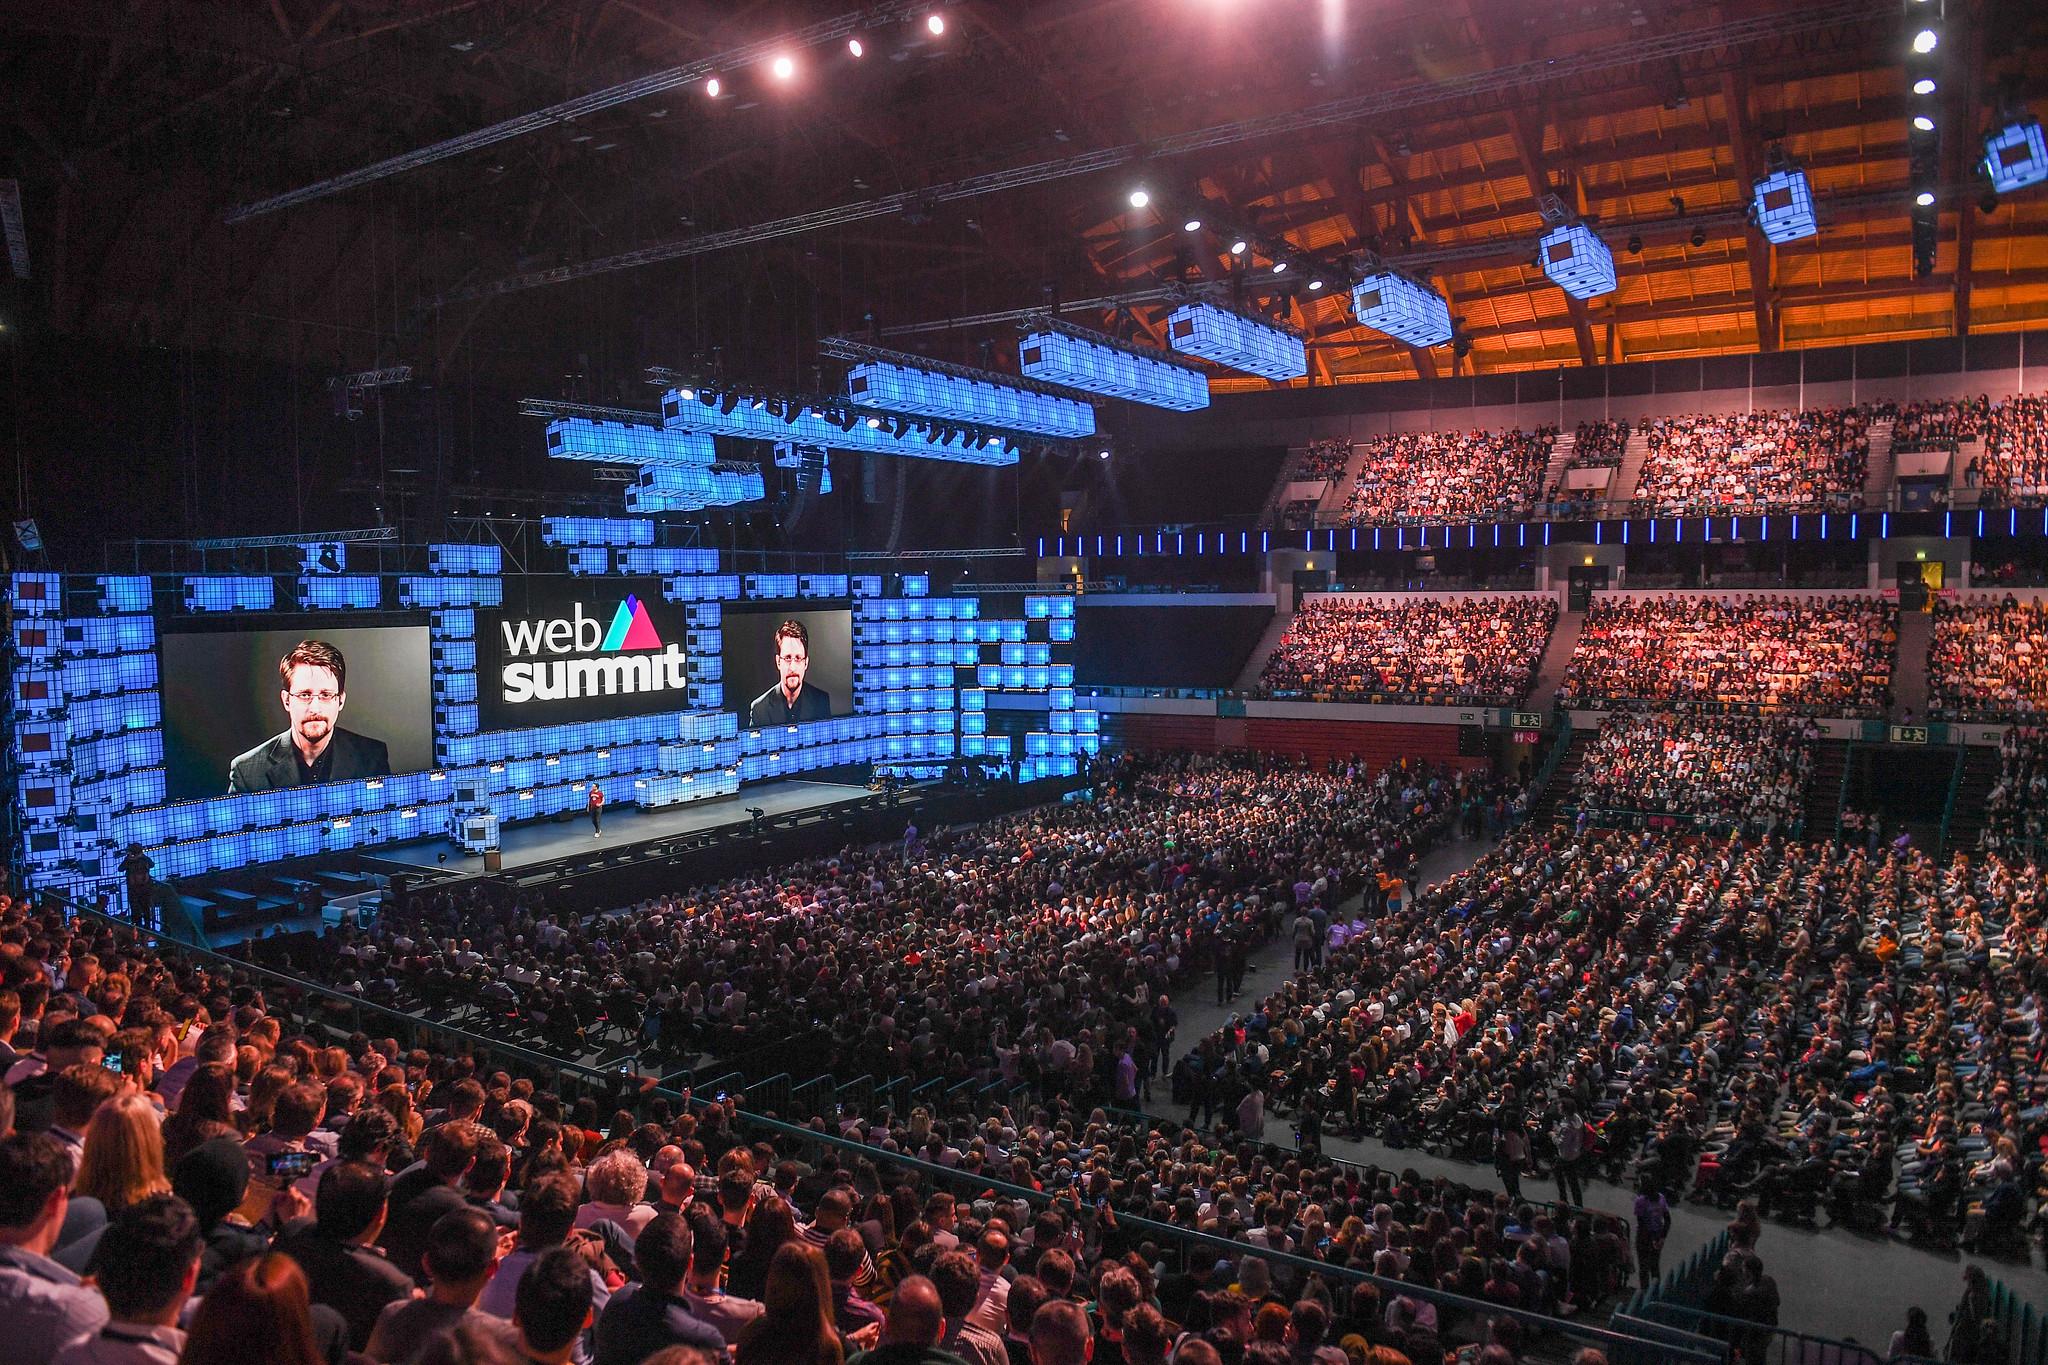 Em 2019, mais de 70.000 pessoas de mais de 150 países que aterrissaram em Lisboa para fazer parte do Web Summit